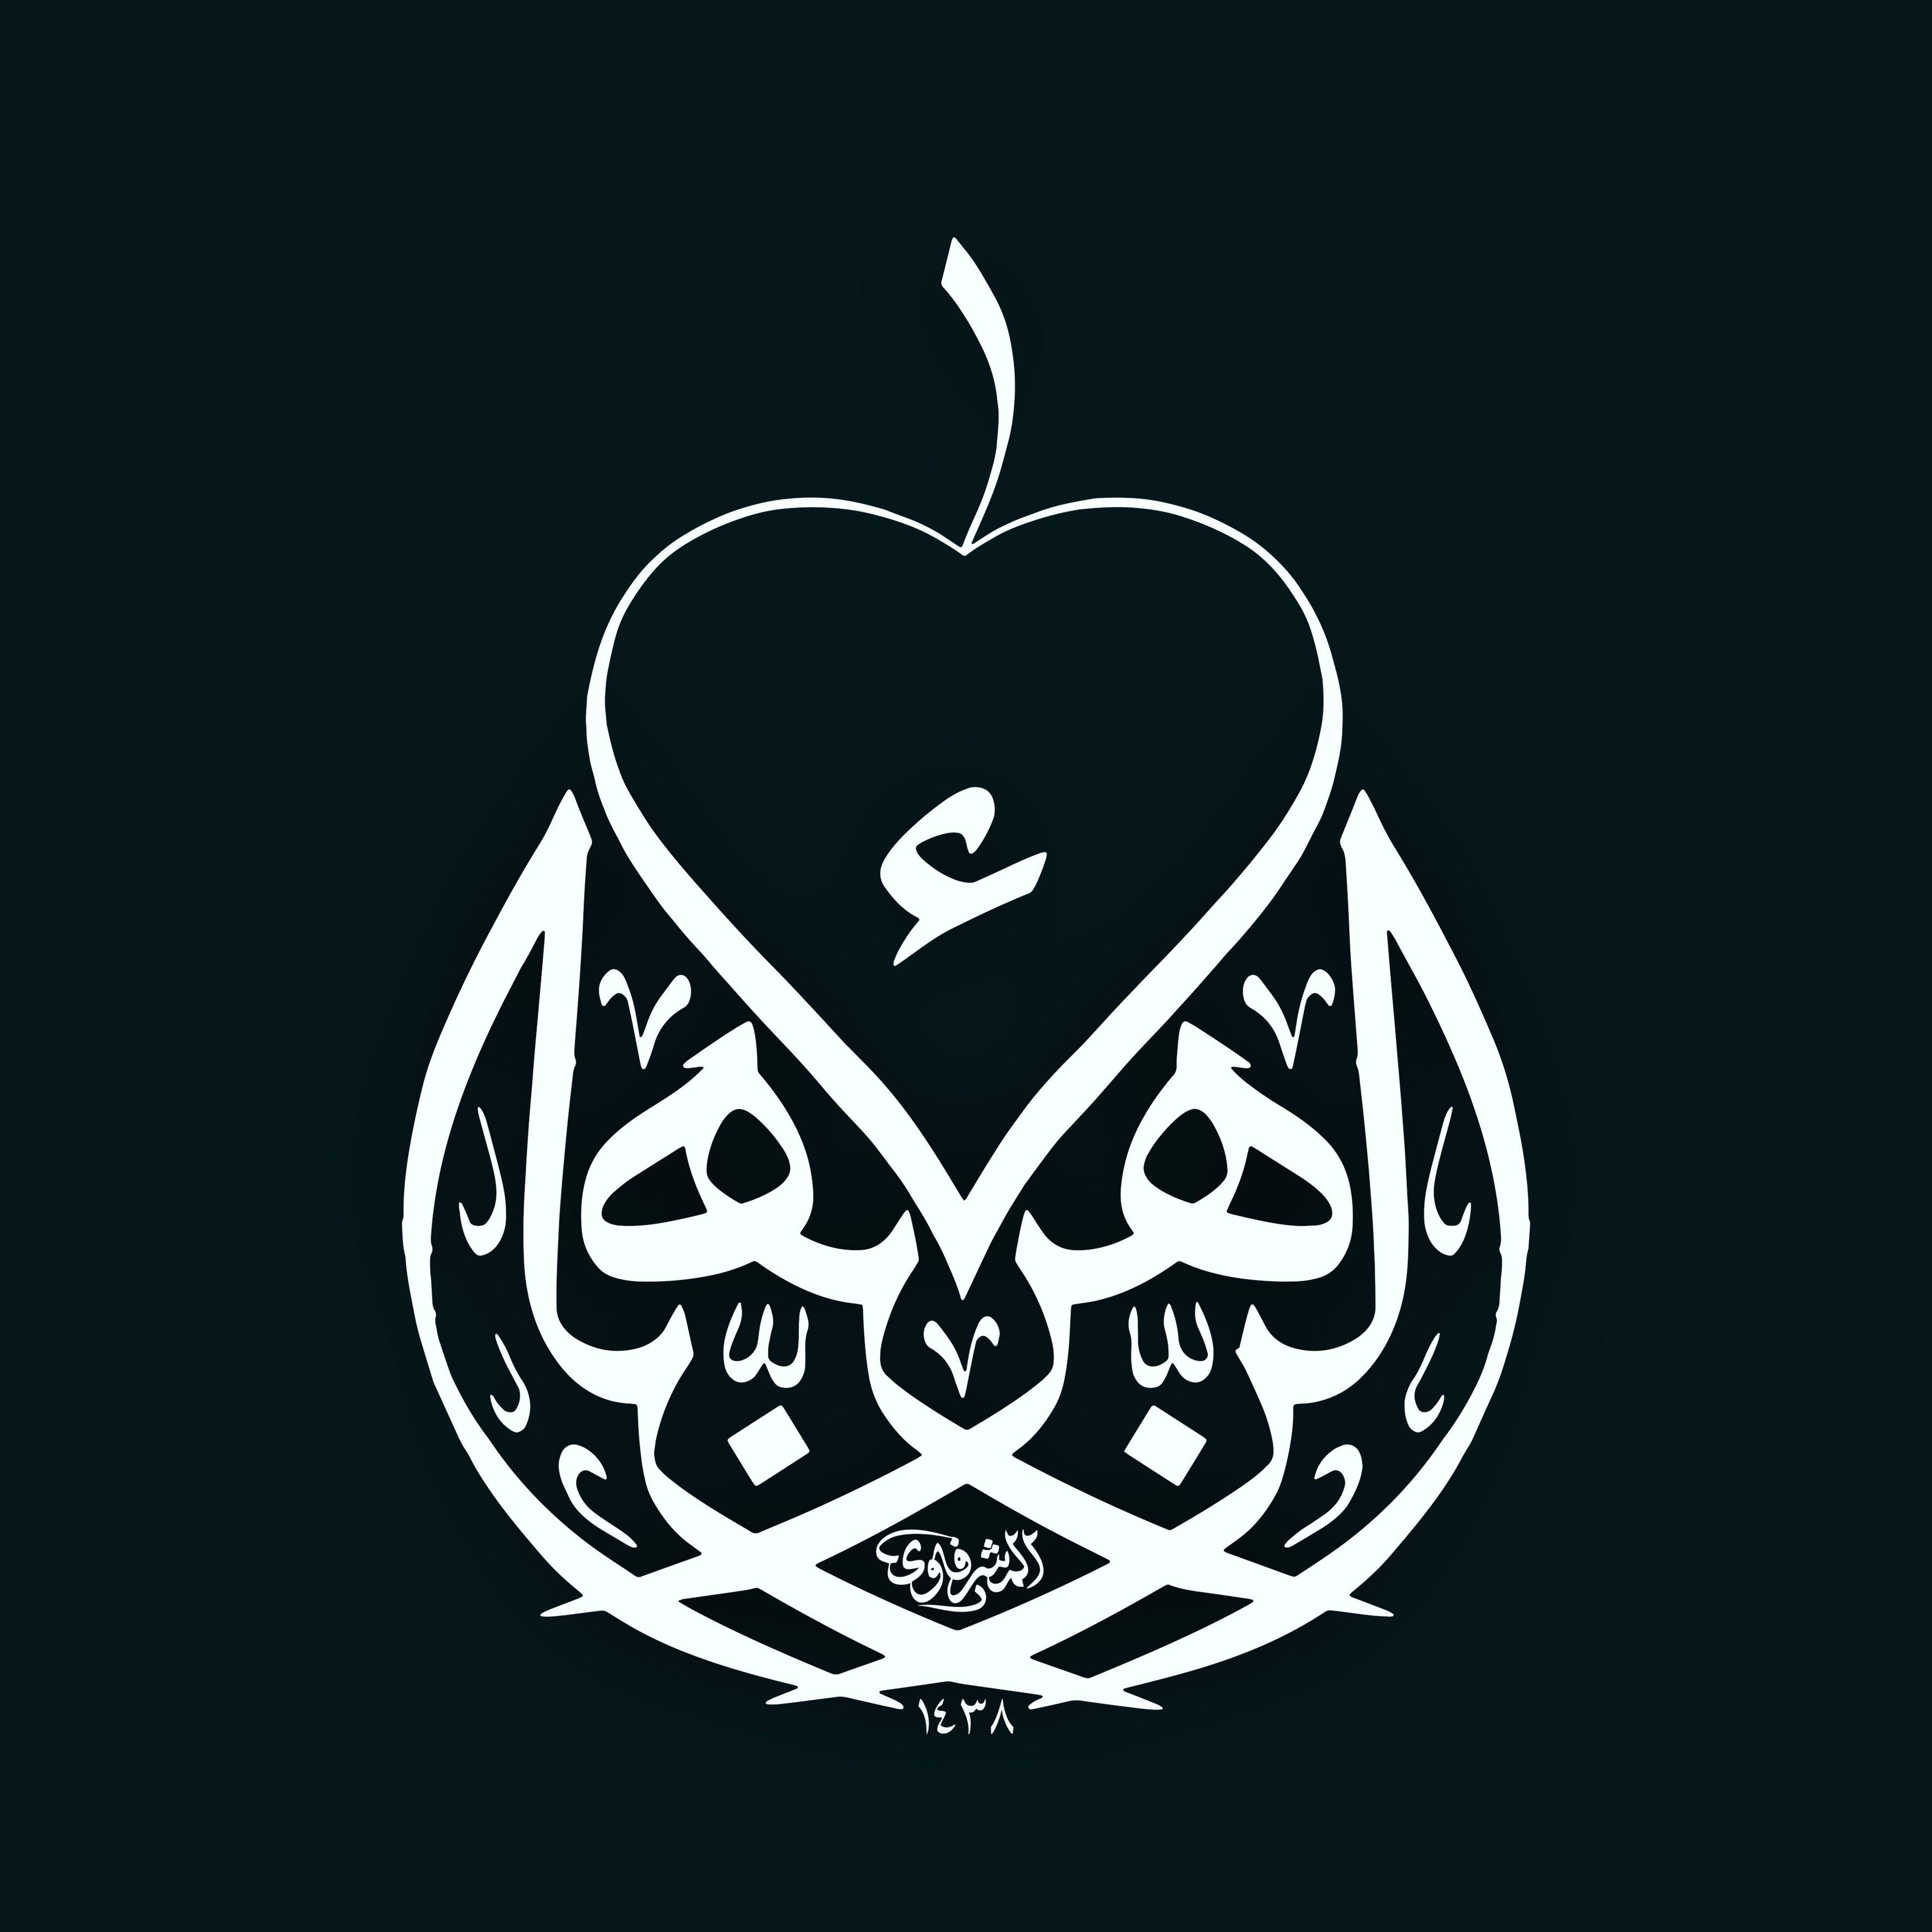 أسم السيدة فاطمة الزهراء عليها السلام الخطاط محمد الحسني المشرفاوي غفر الله له Islamic Art Calligraphy Islamic Art Art